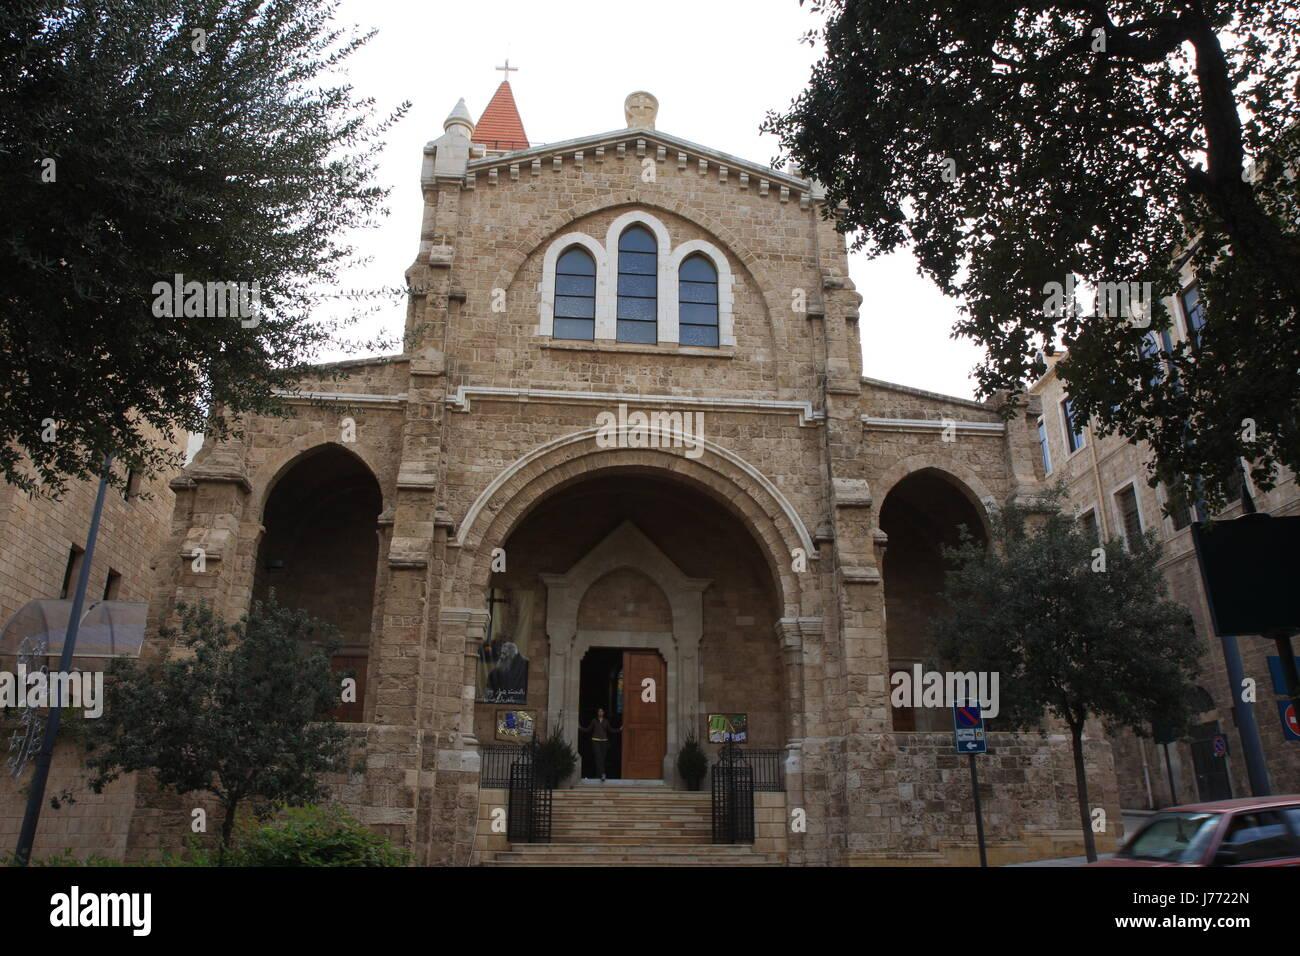 La Credenza Religiosa : Chiesa islam moschea libano blue house building religione storica